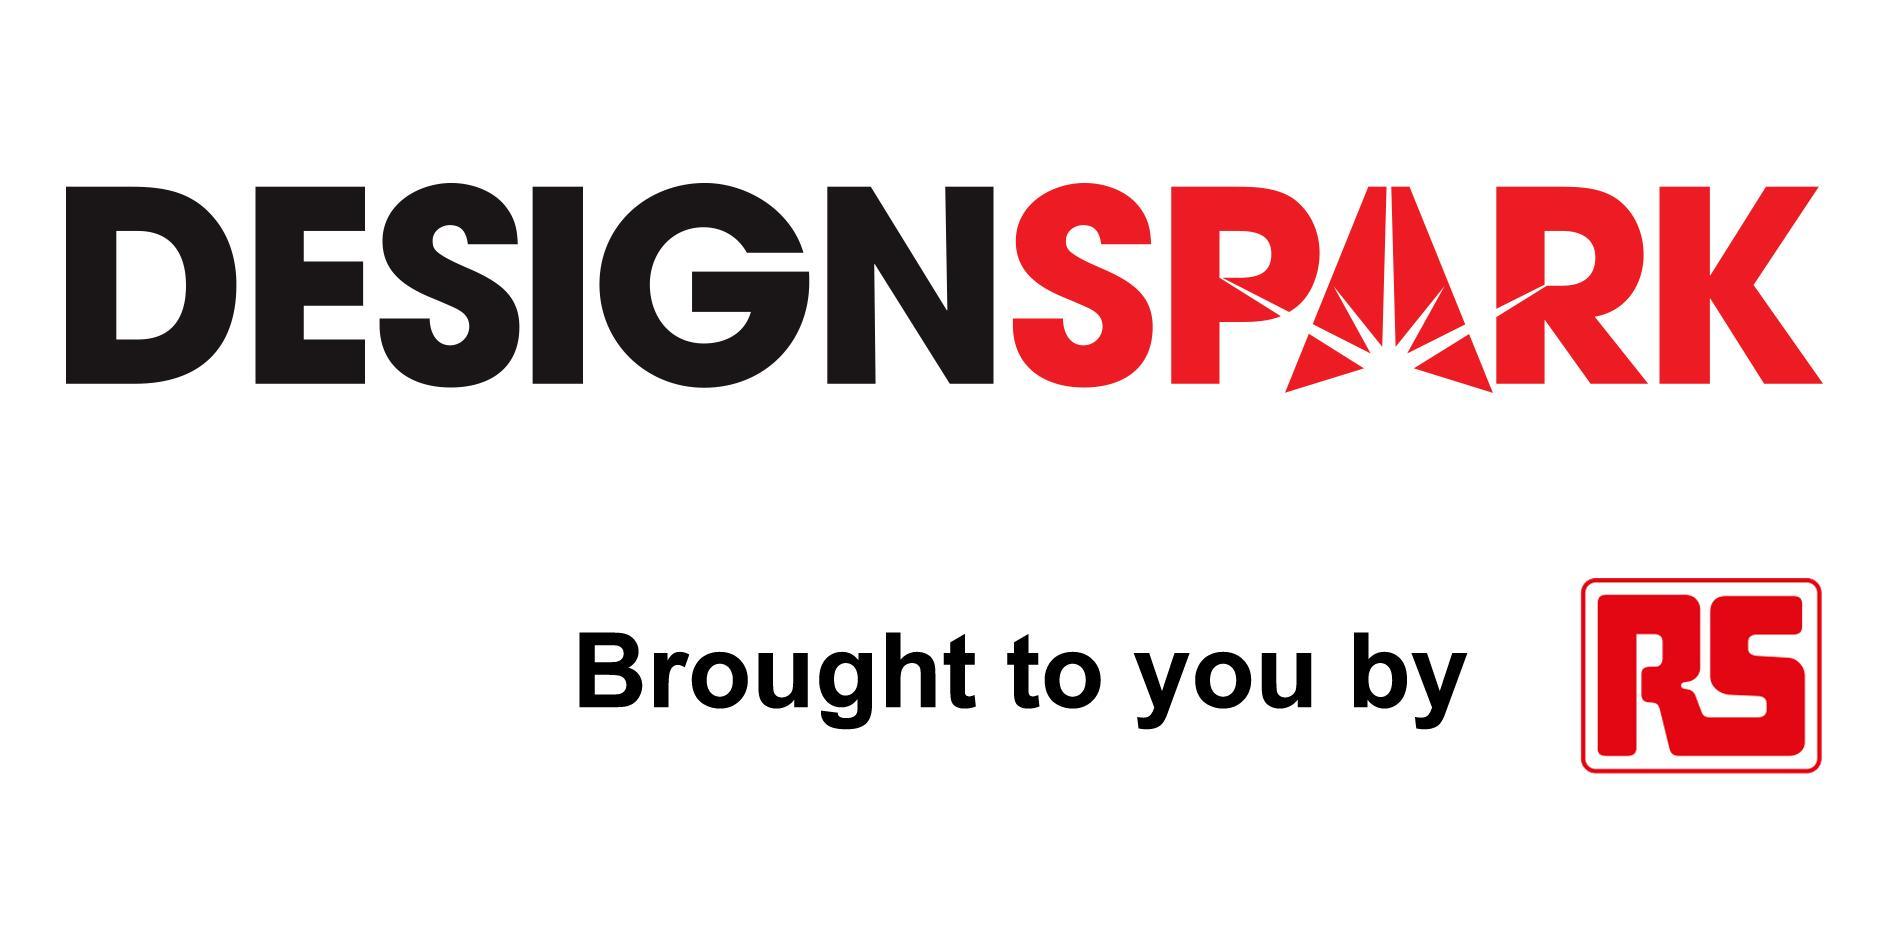 You + DesignSpark = Super Maker